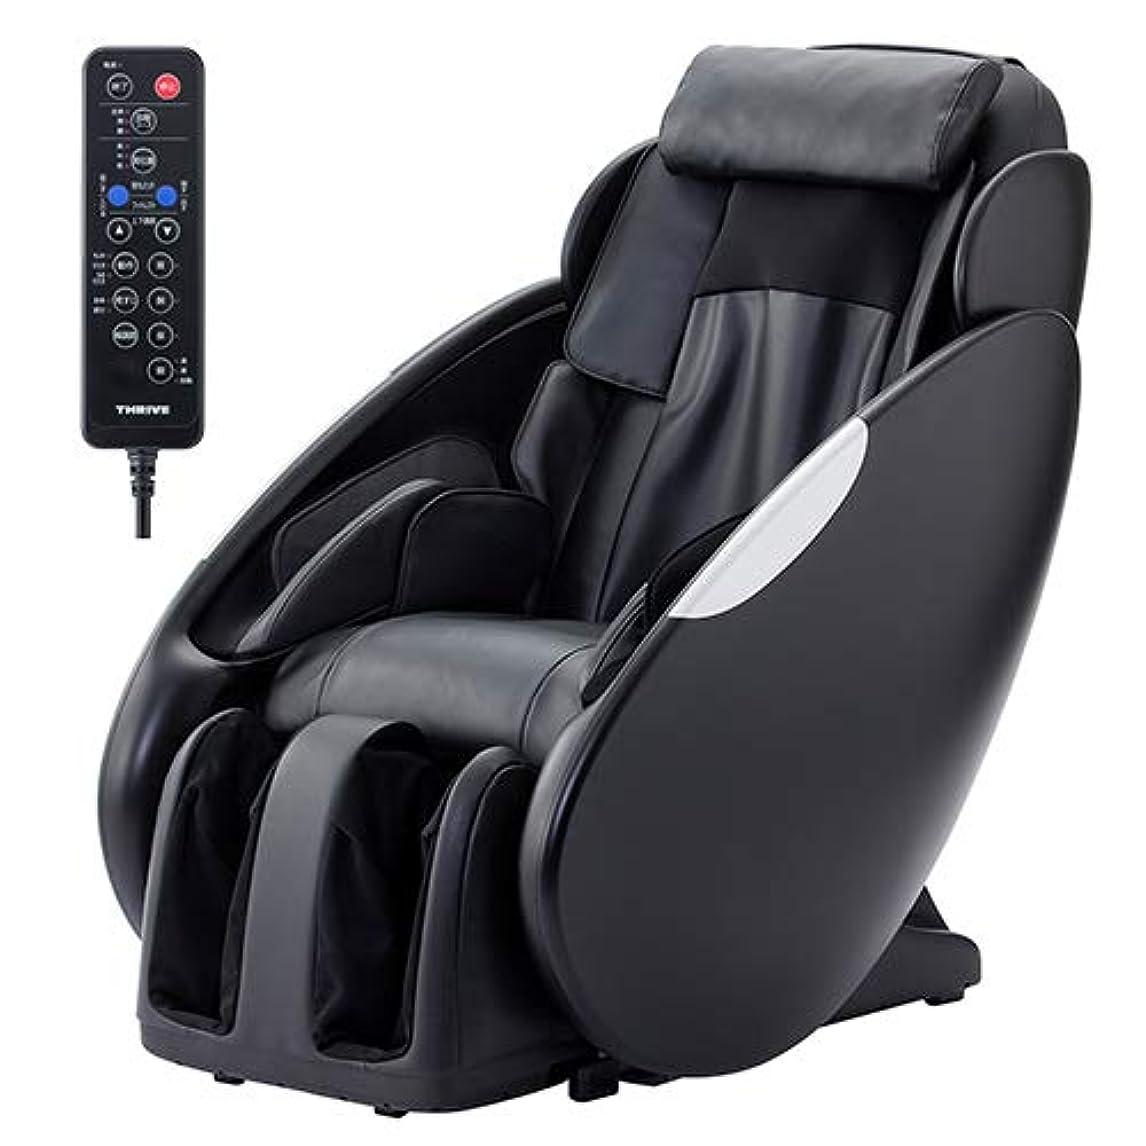 ハーネスインシデント開梱設置サービス付 スライヴ マッサージチェア くつろぎ指定席 CHD-9200-BK